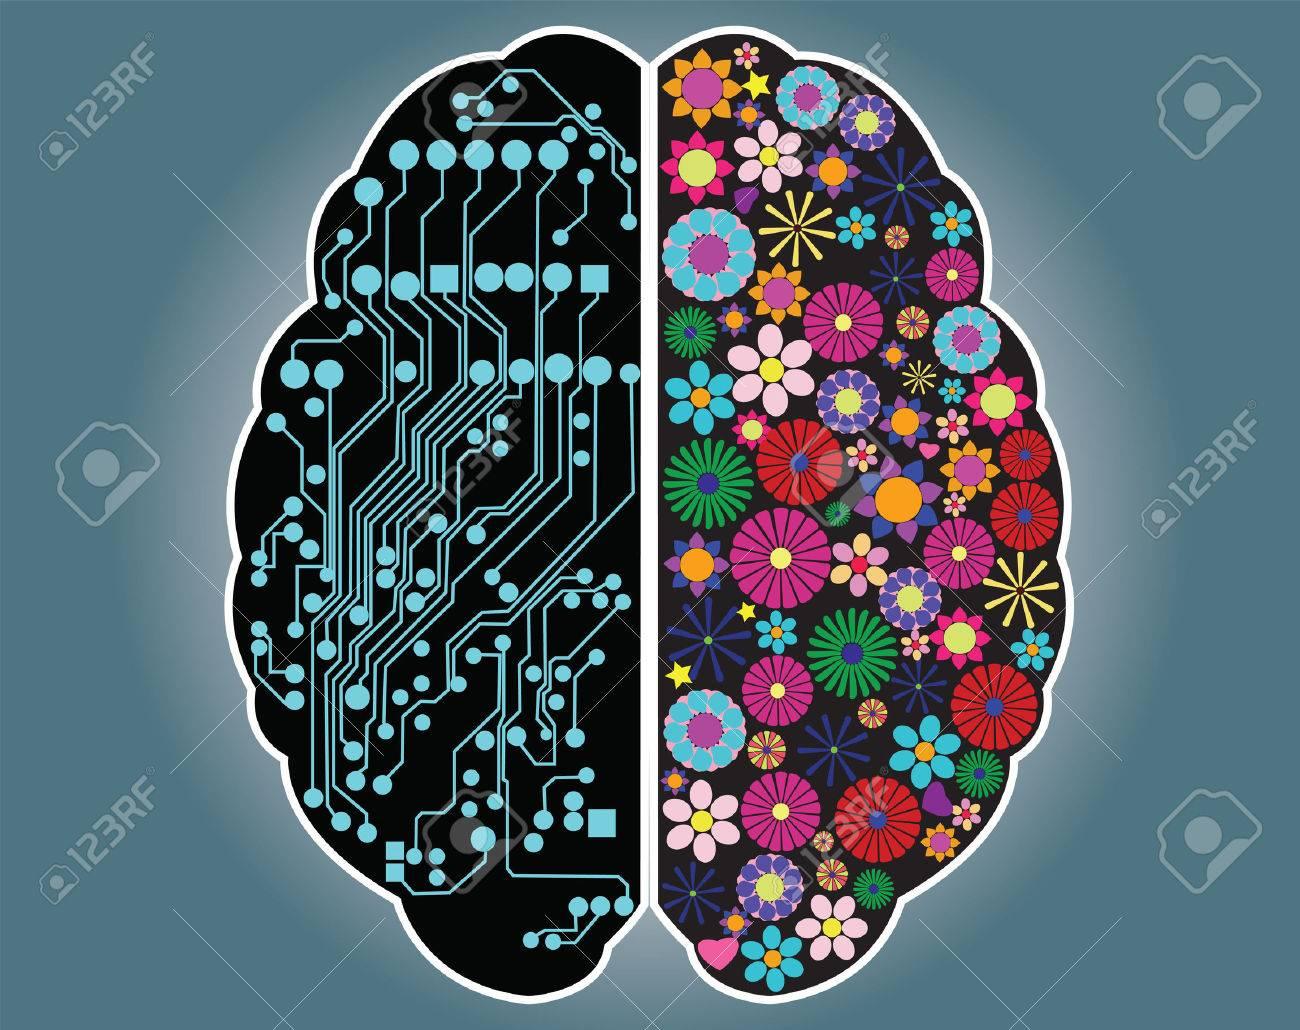 Linke Und Rechte Seite Des Gehirns, Logik Und Kreativität, Vektor ...